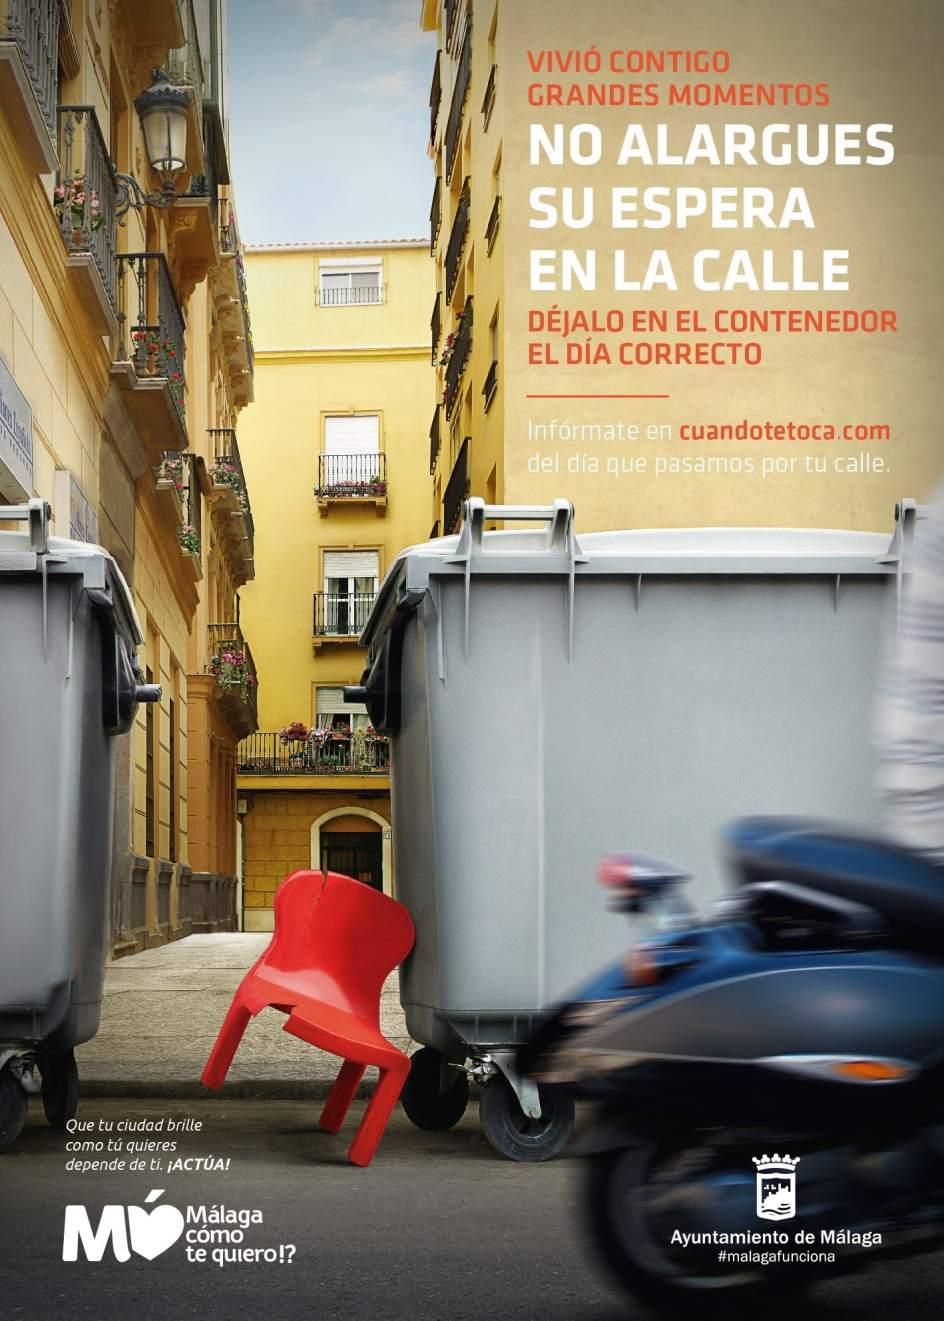 Ayuntamiento Madrid Recogida Muebles : Ayuntamiento de málaga pone en marcha una web que informa